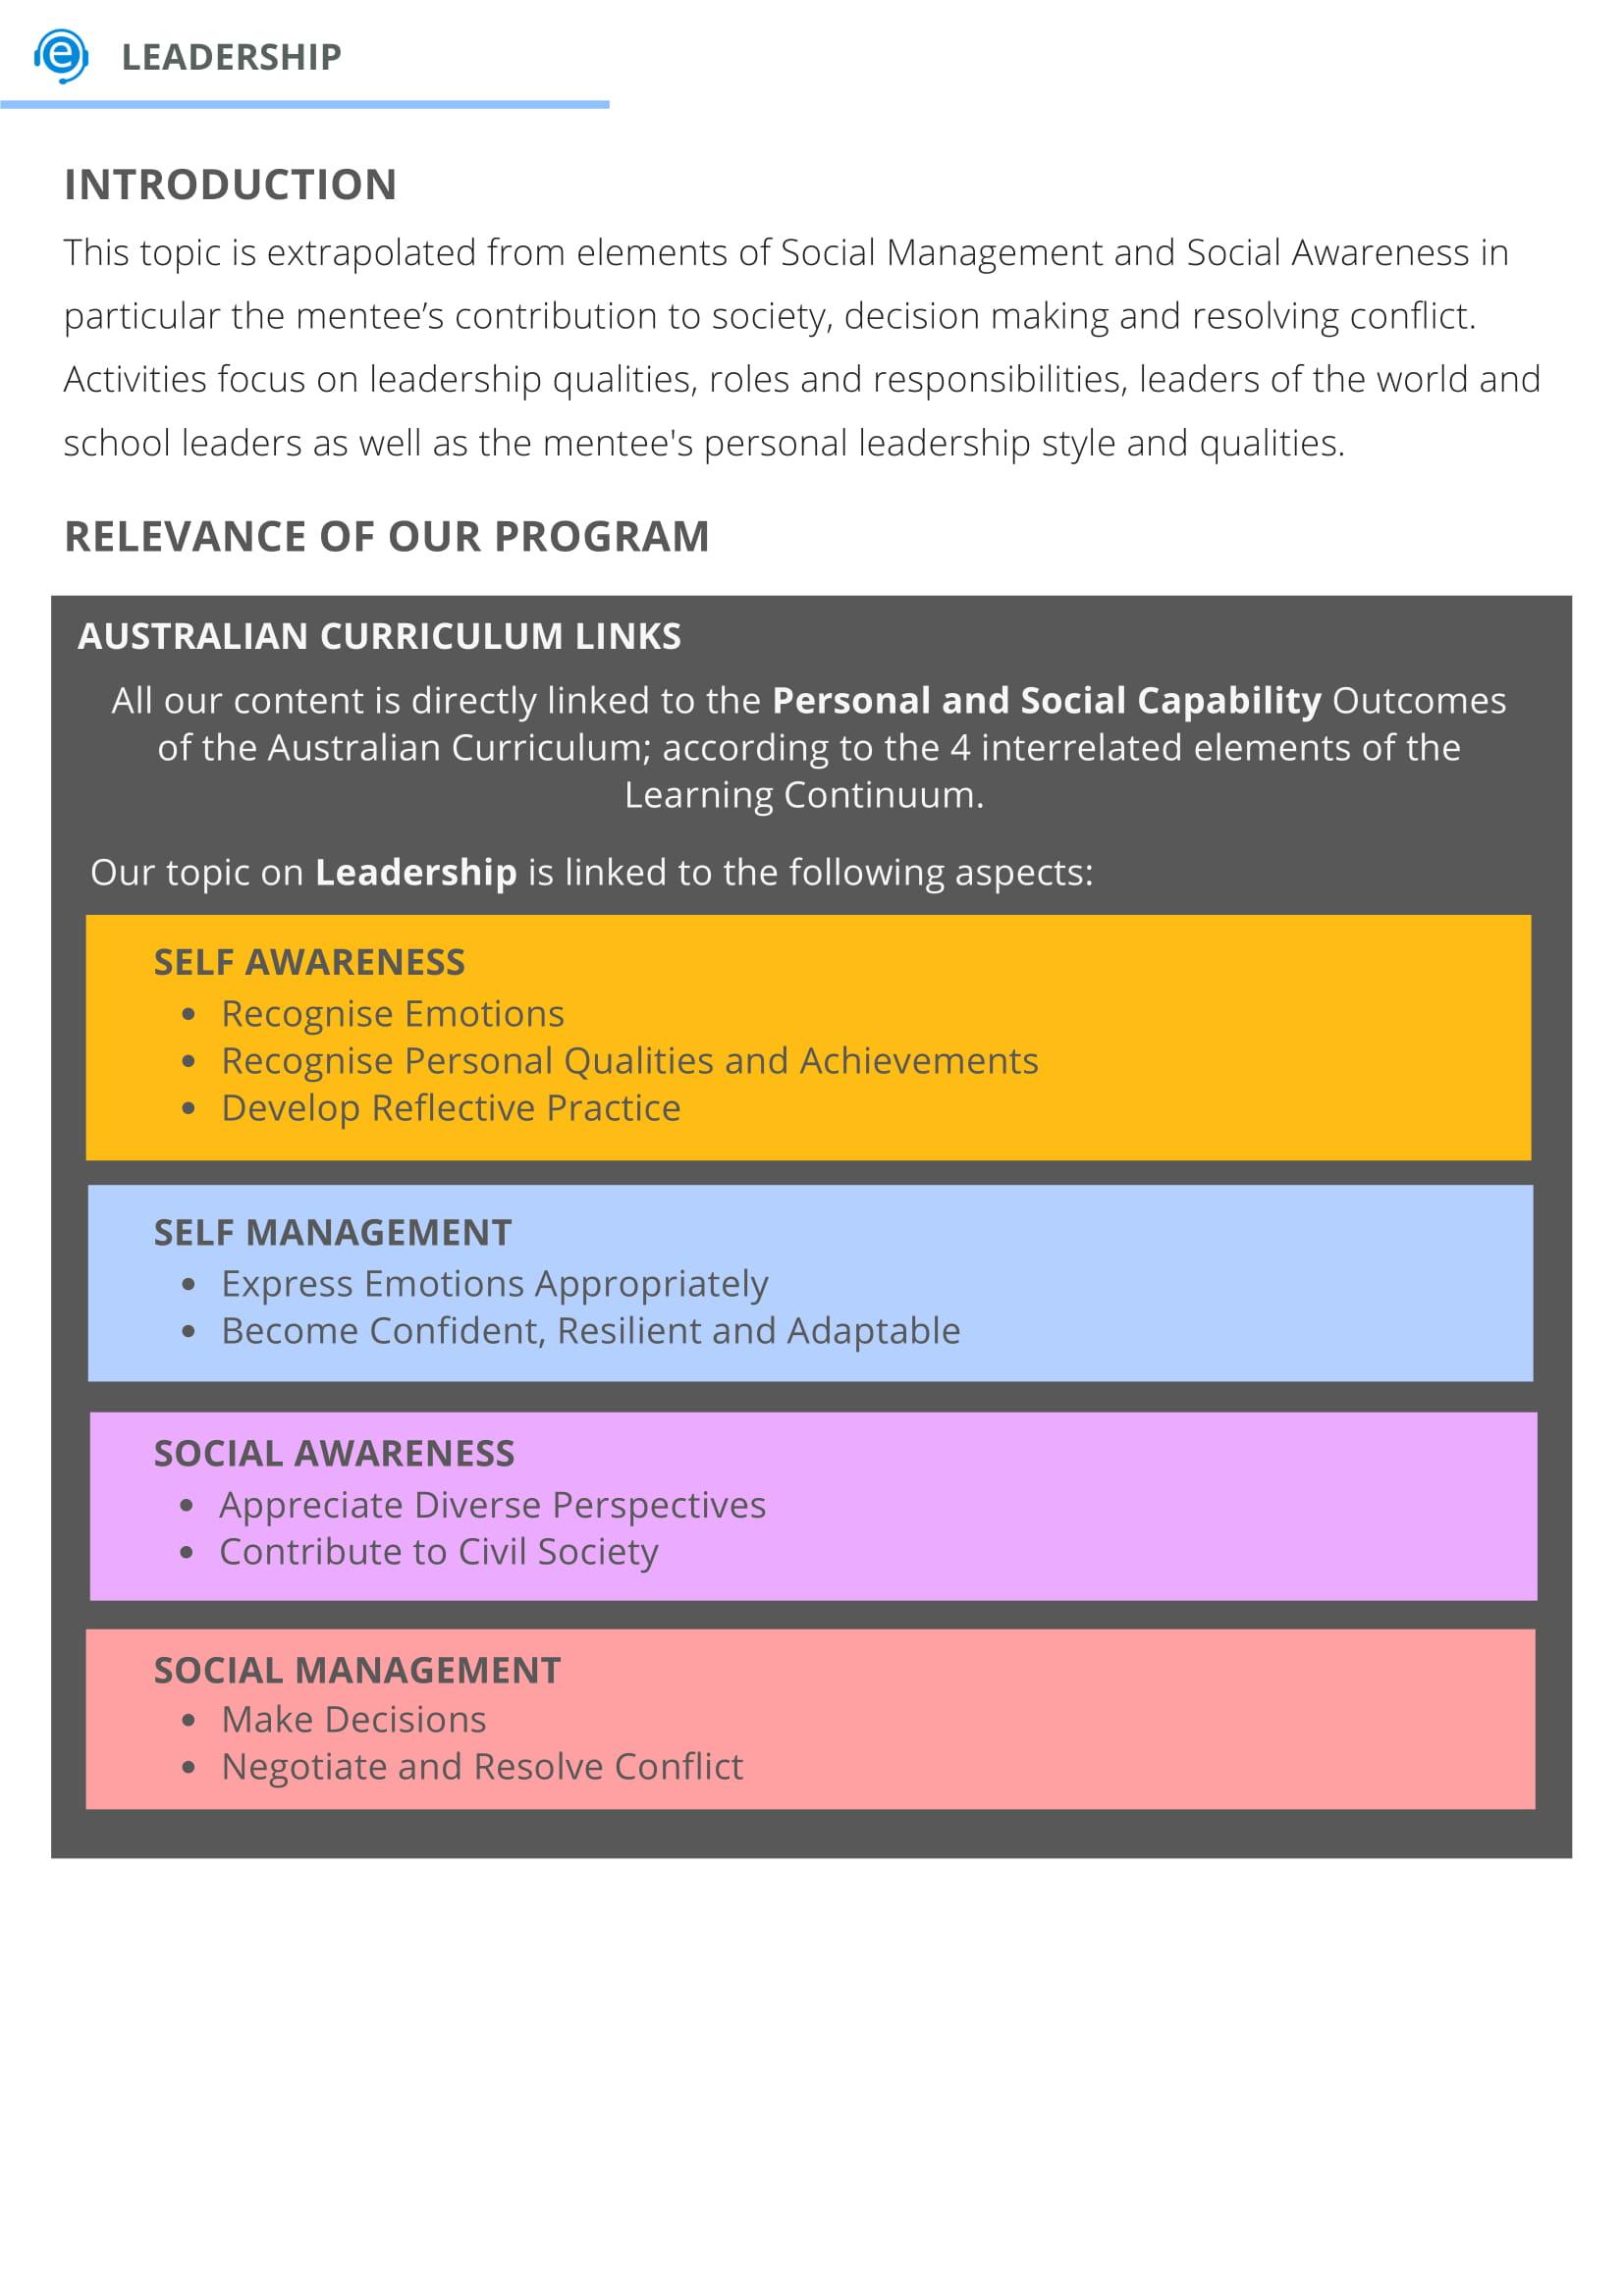 eMentor - Leadership-02.jpg